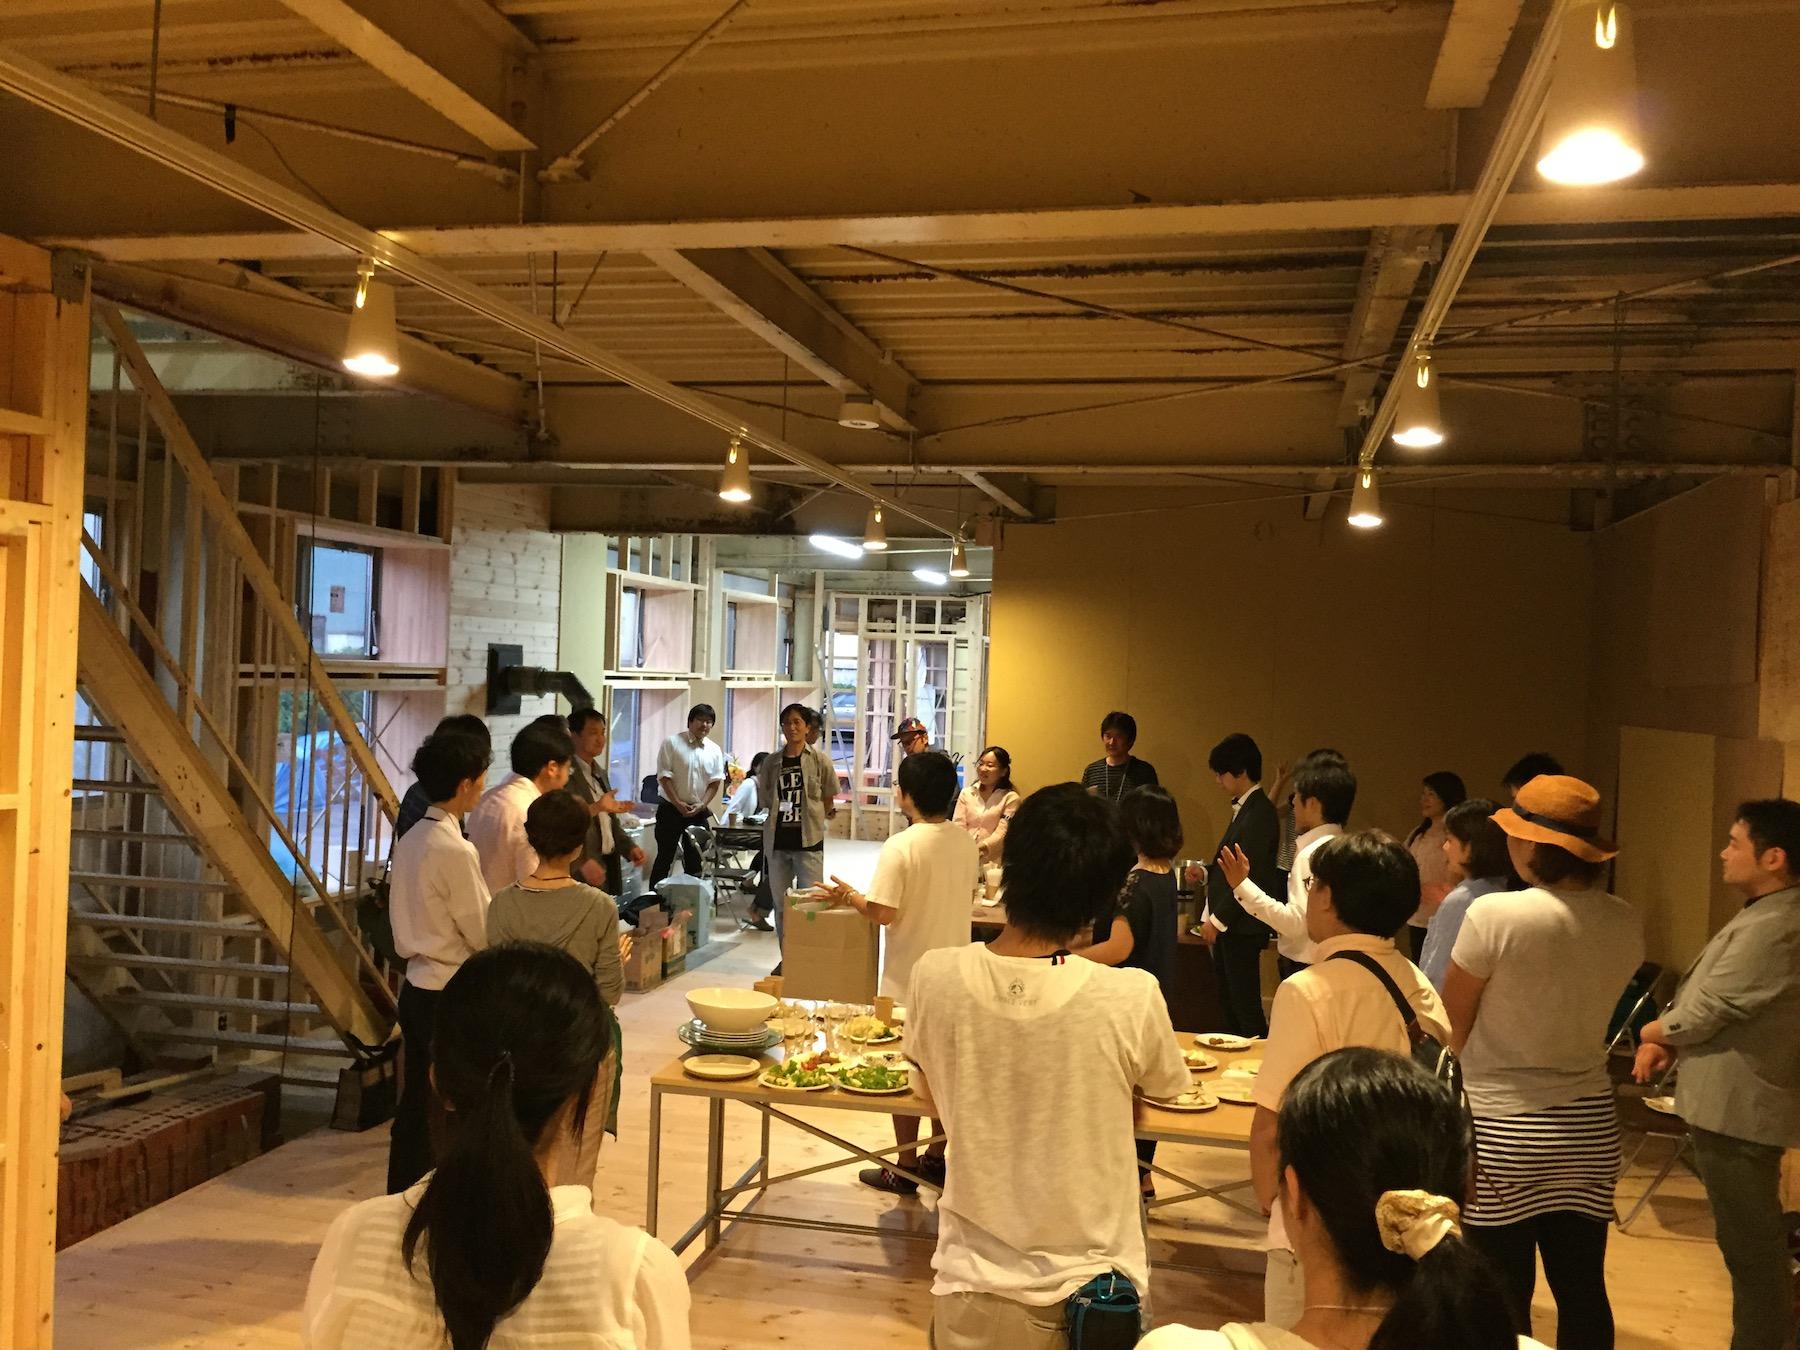 6月26日に開催された「福島コトひらく」オープンニングパーティの様子。ここから多くのチャレンジが生まれていく。(内装は一部工事中)